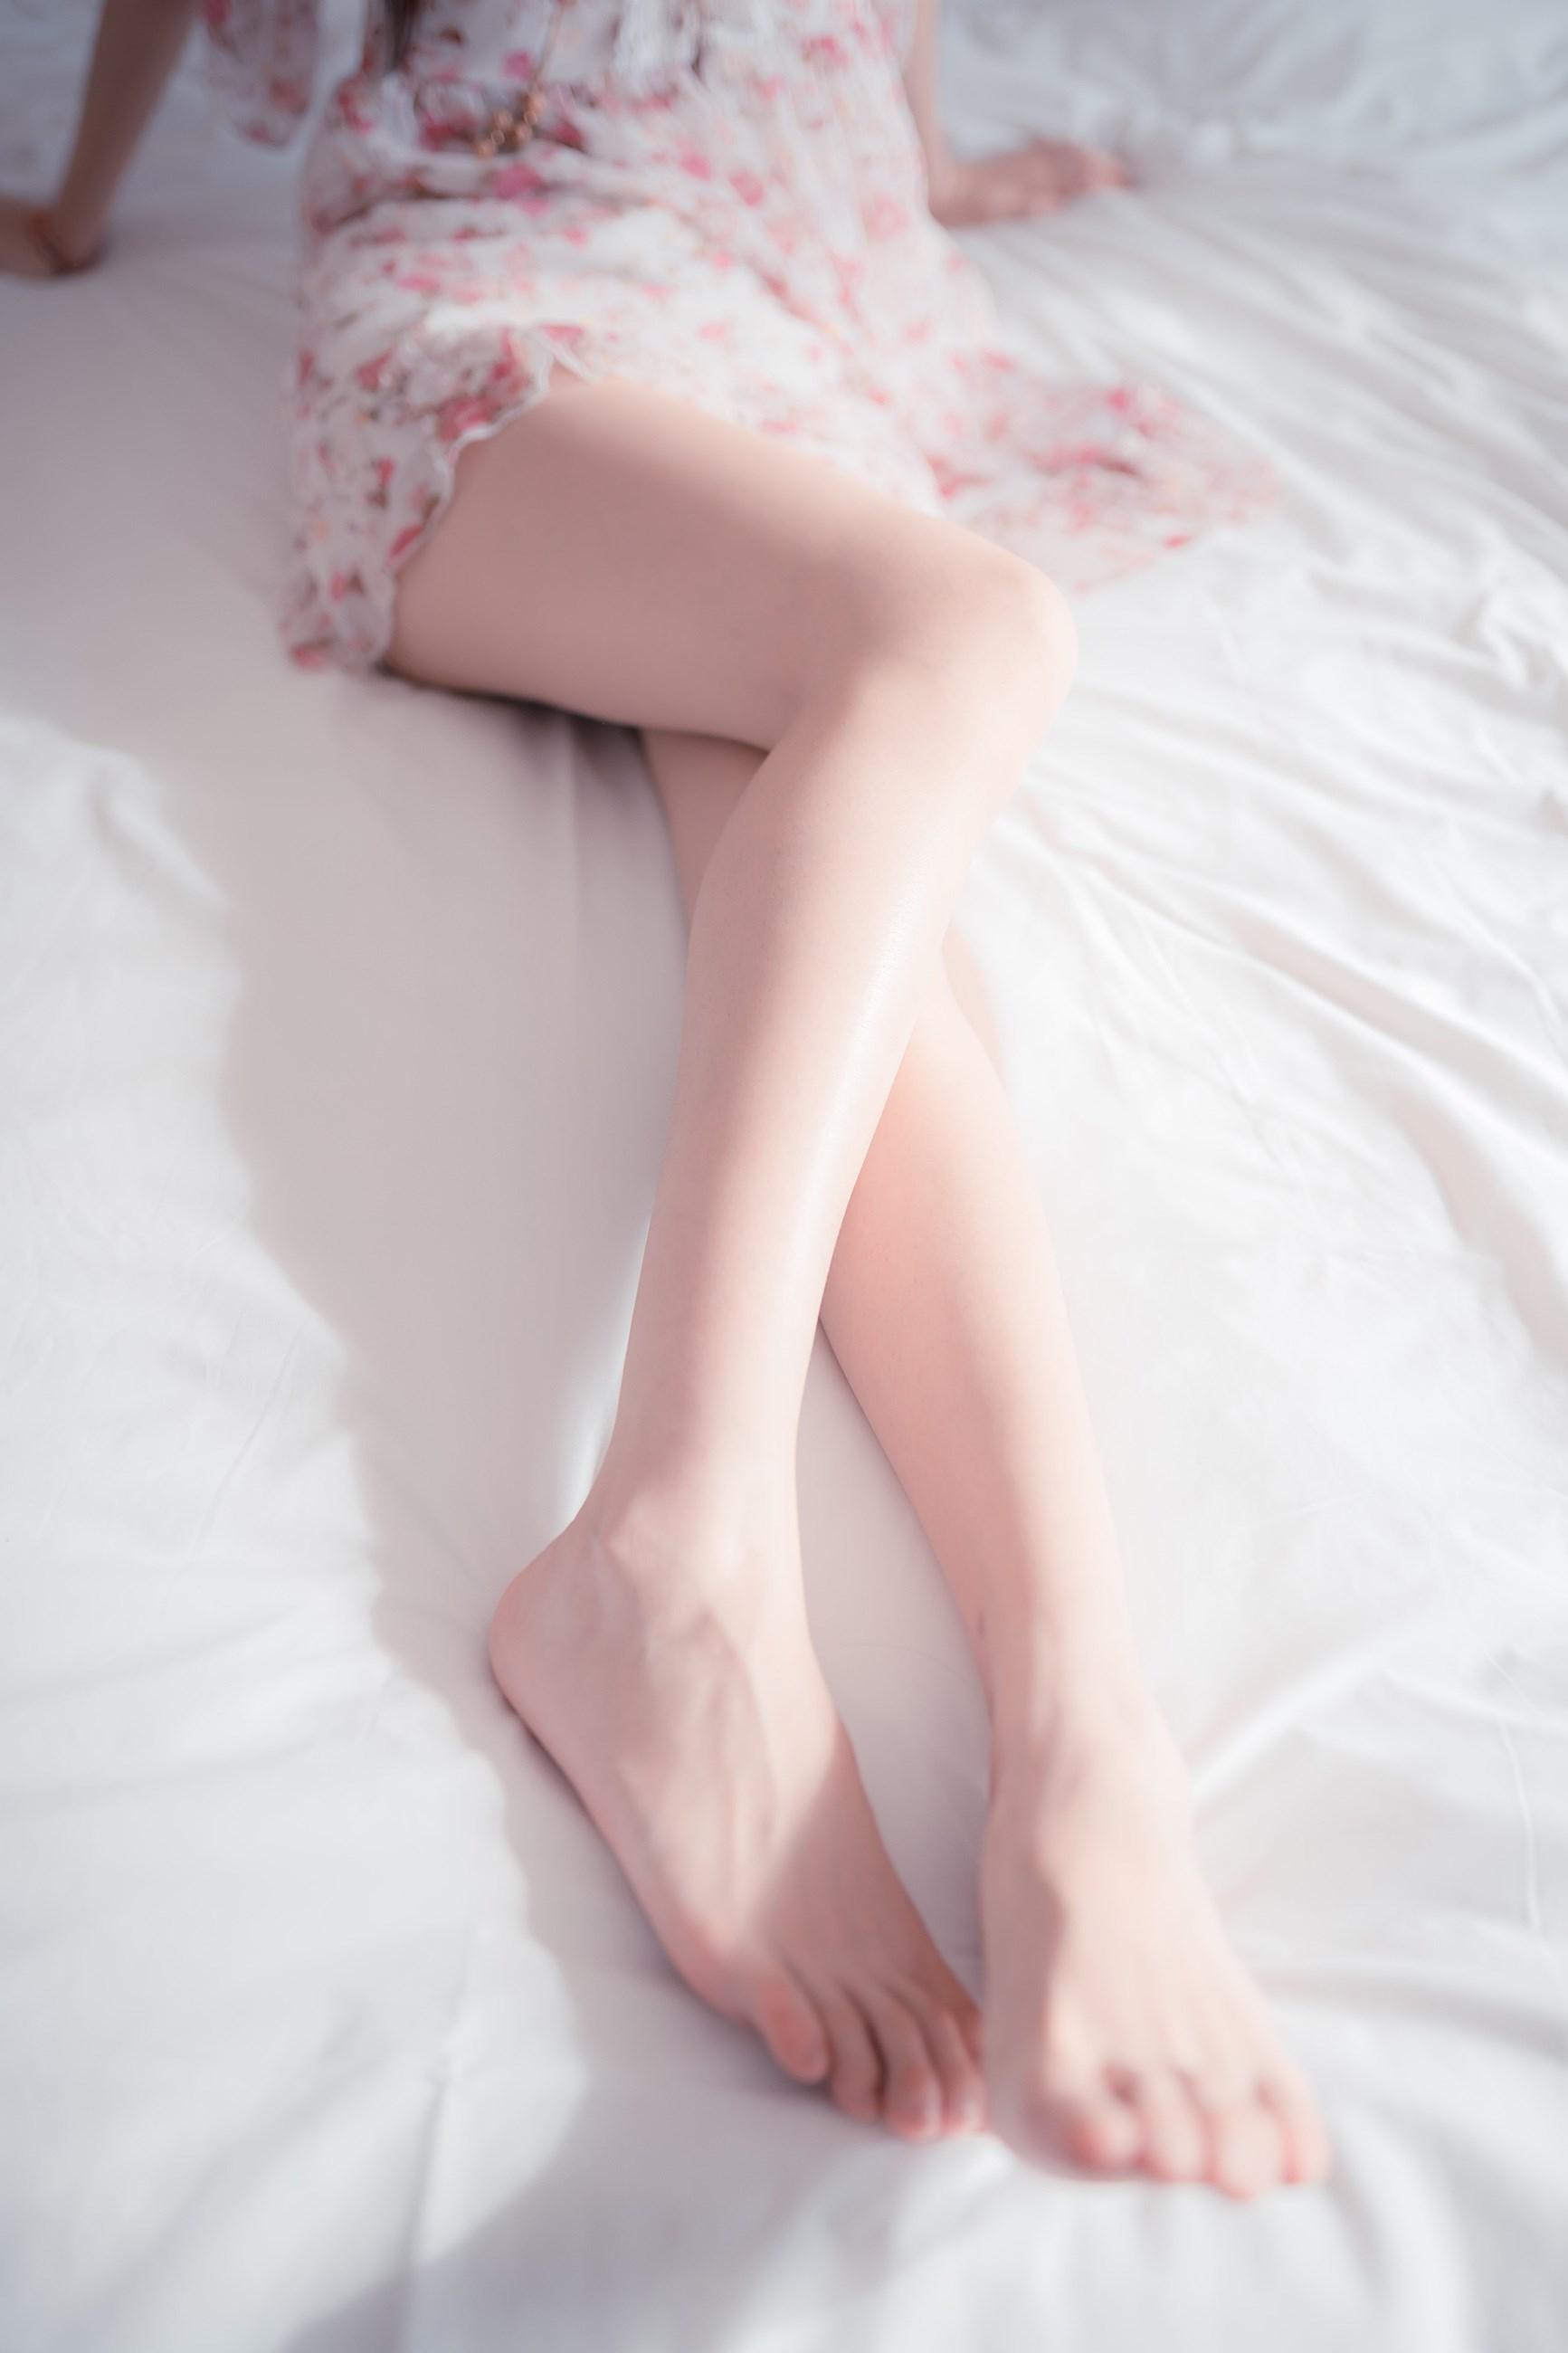 【兔玩映画】粉嫩嫩的小腿 兔玩映画 第3张